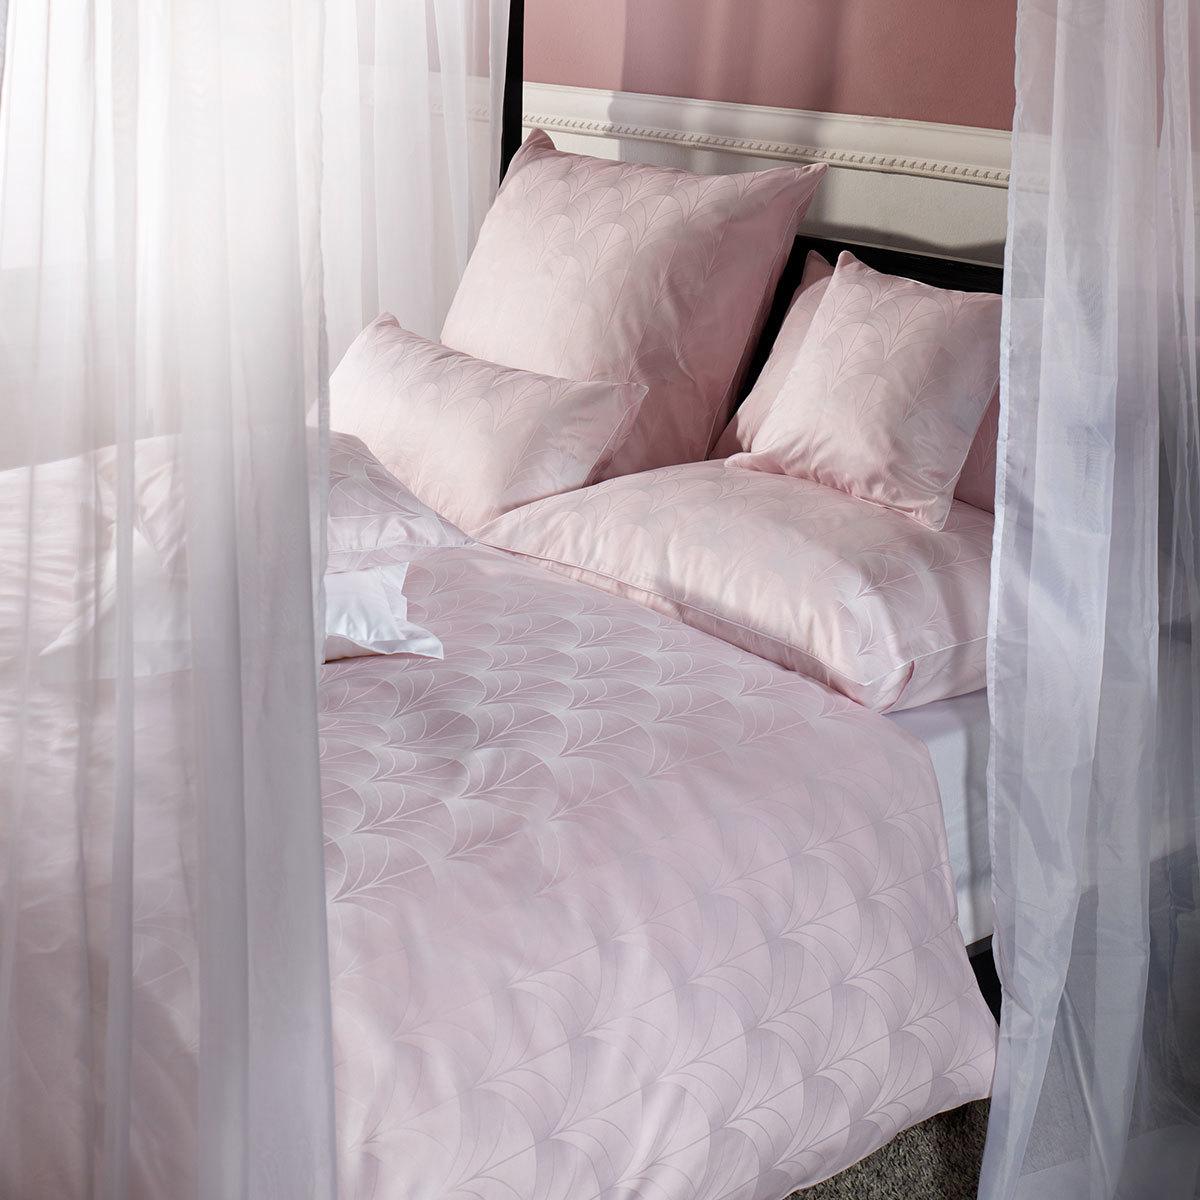 curt bauer mako brokat damast bettw sche toulouse ros g nstig online kaufen bei bettwaren shop. Black Bedroom Furniture Sets. Home Design Ideas